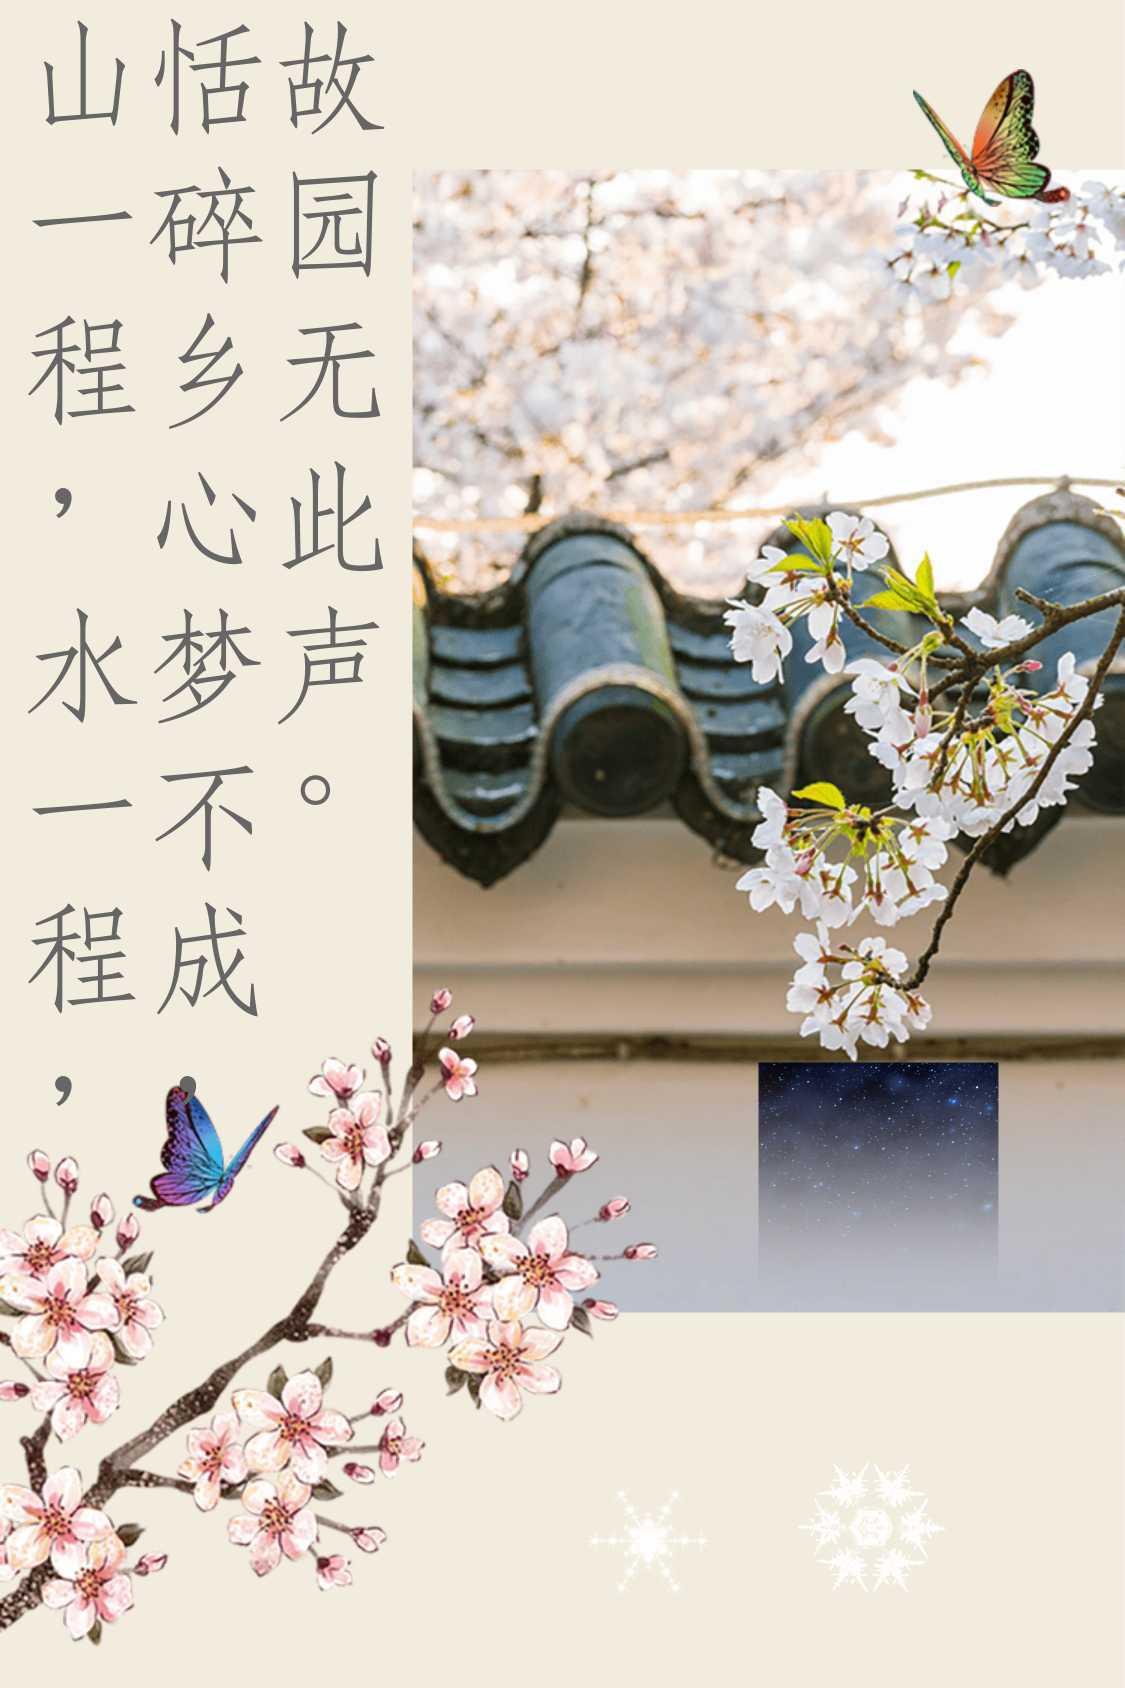 http://sucai.58100.com/data/upload/images/202105/161987367680798.jpg